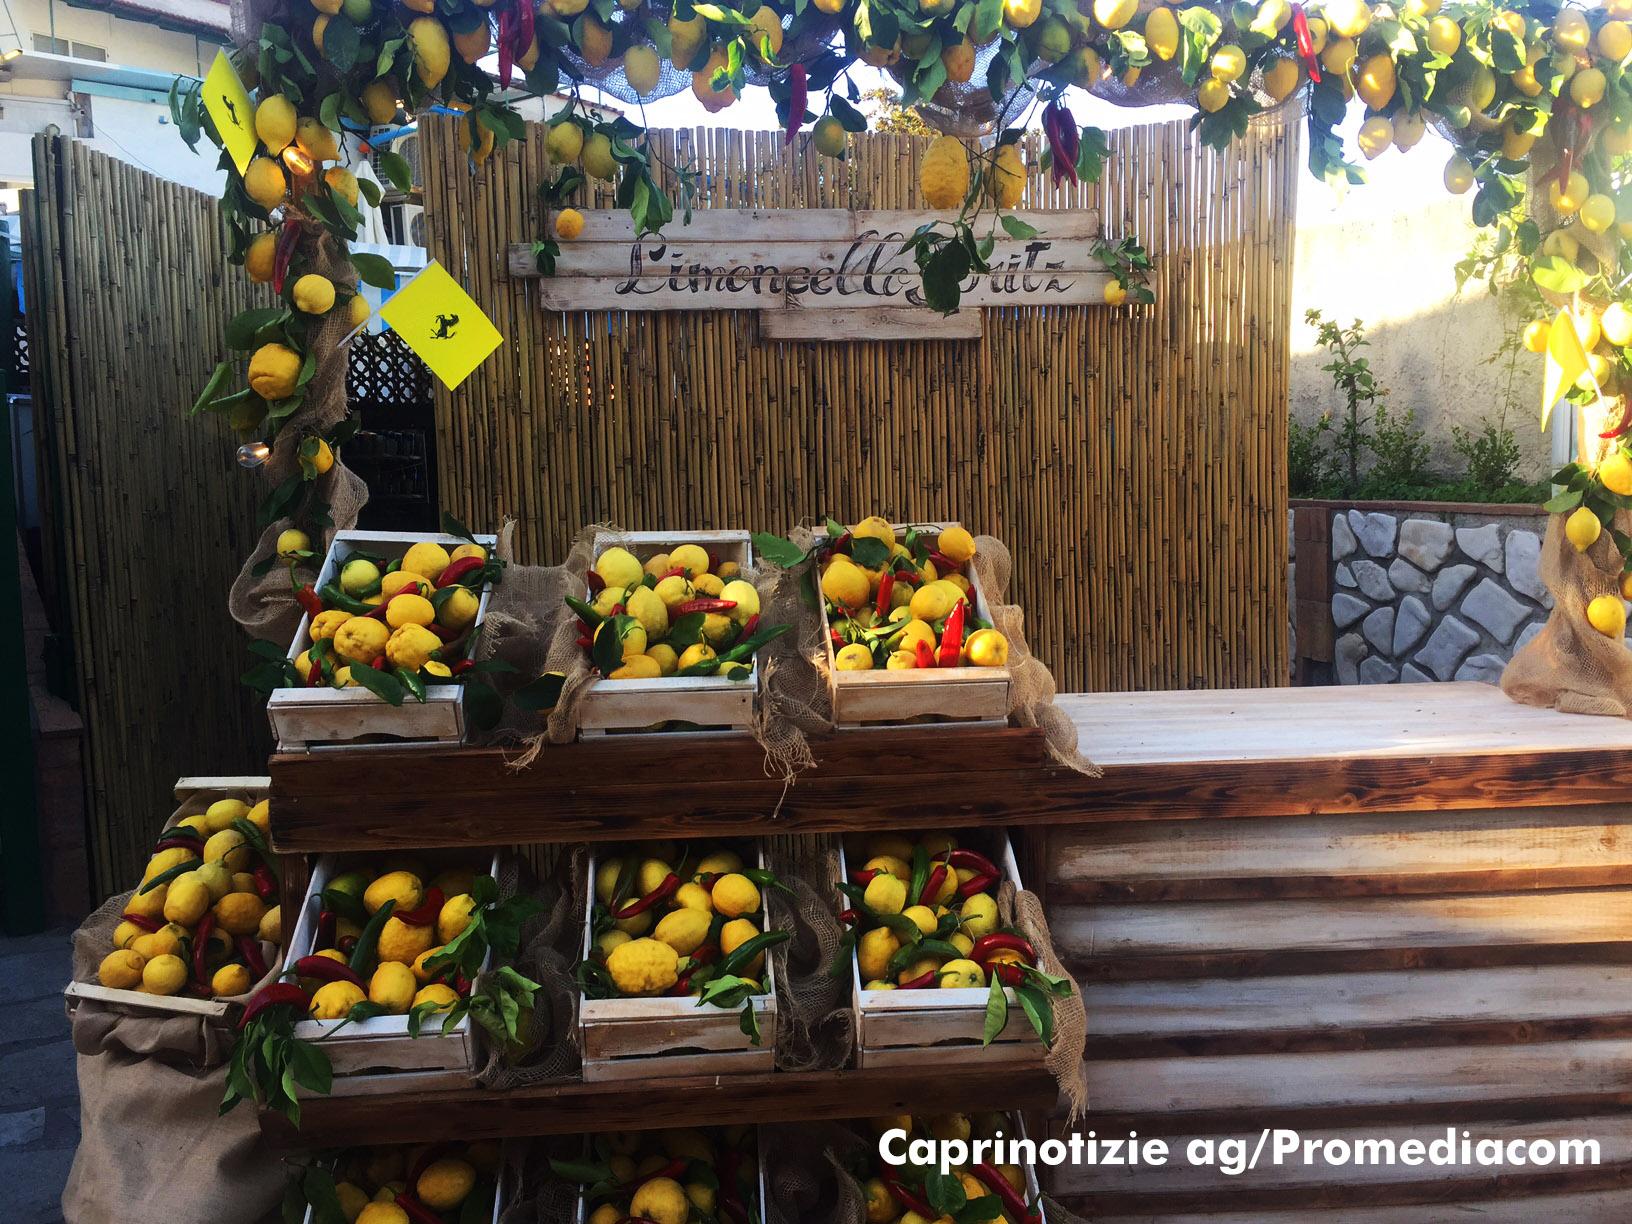 Le Ferrari a Capri:  Tutto pronto a Palazzo a Mare per l'evento ospitato dal Ristorante da Paolino (FOTO)